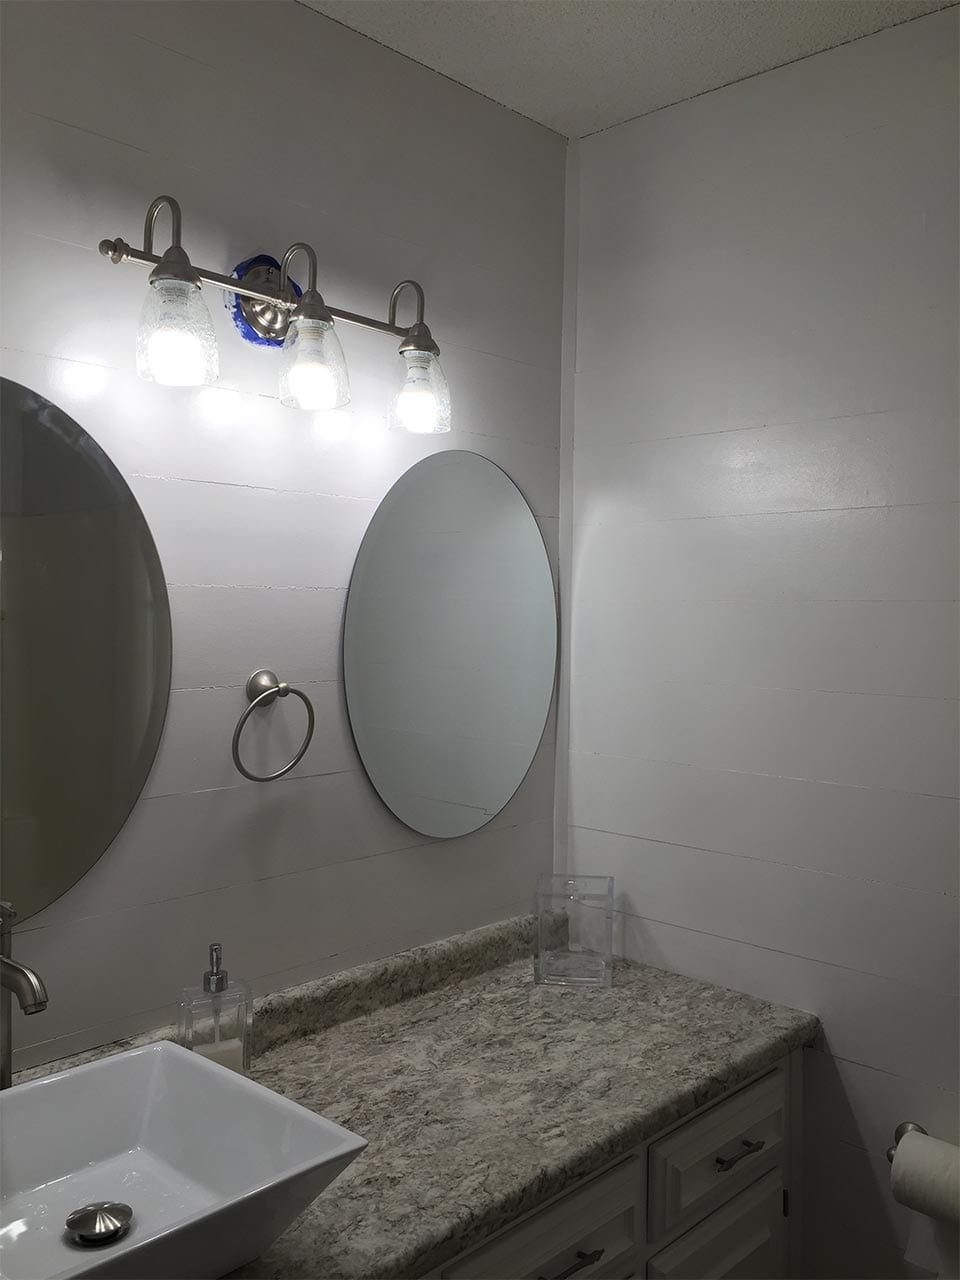 1980's Condo Make Over Condo Bathroom Update